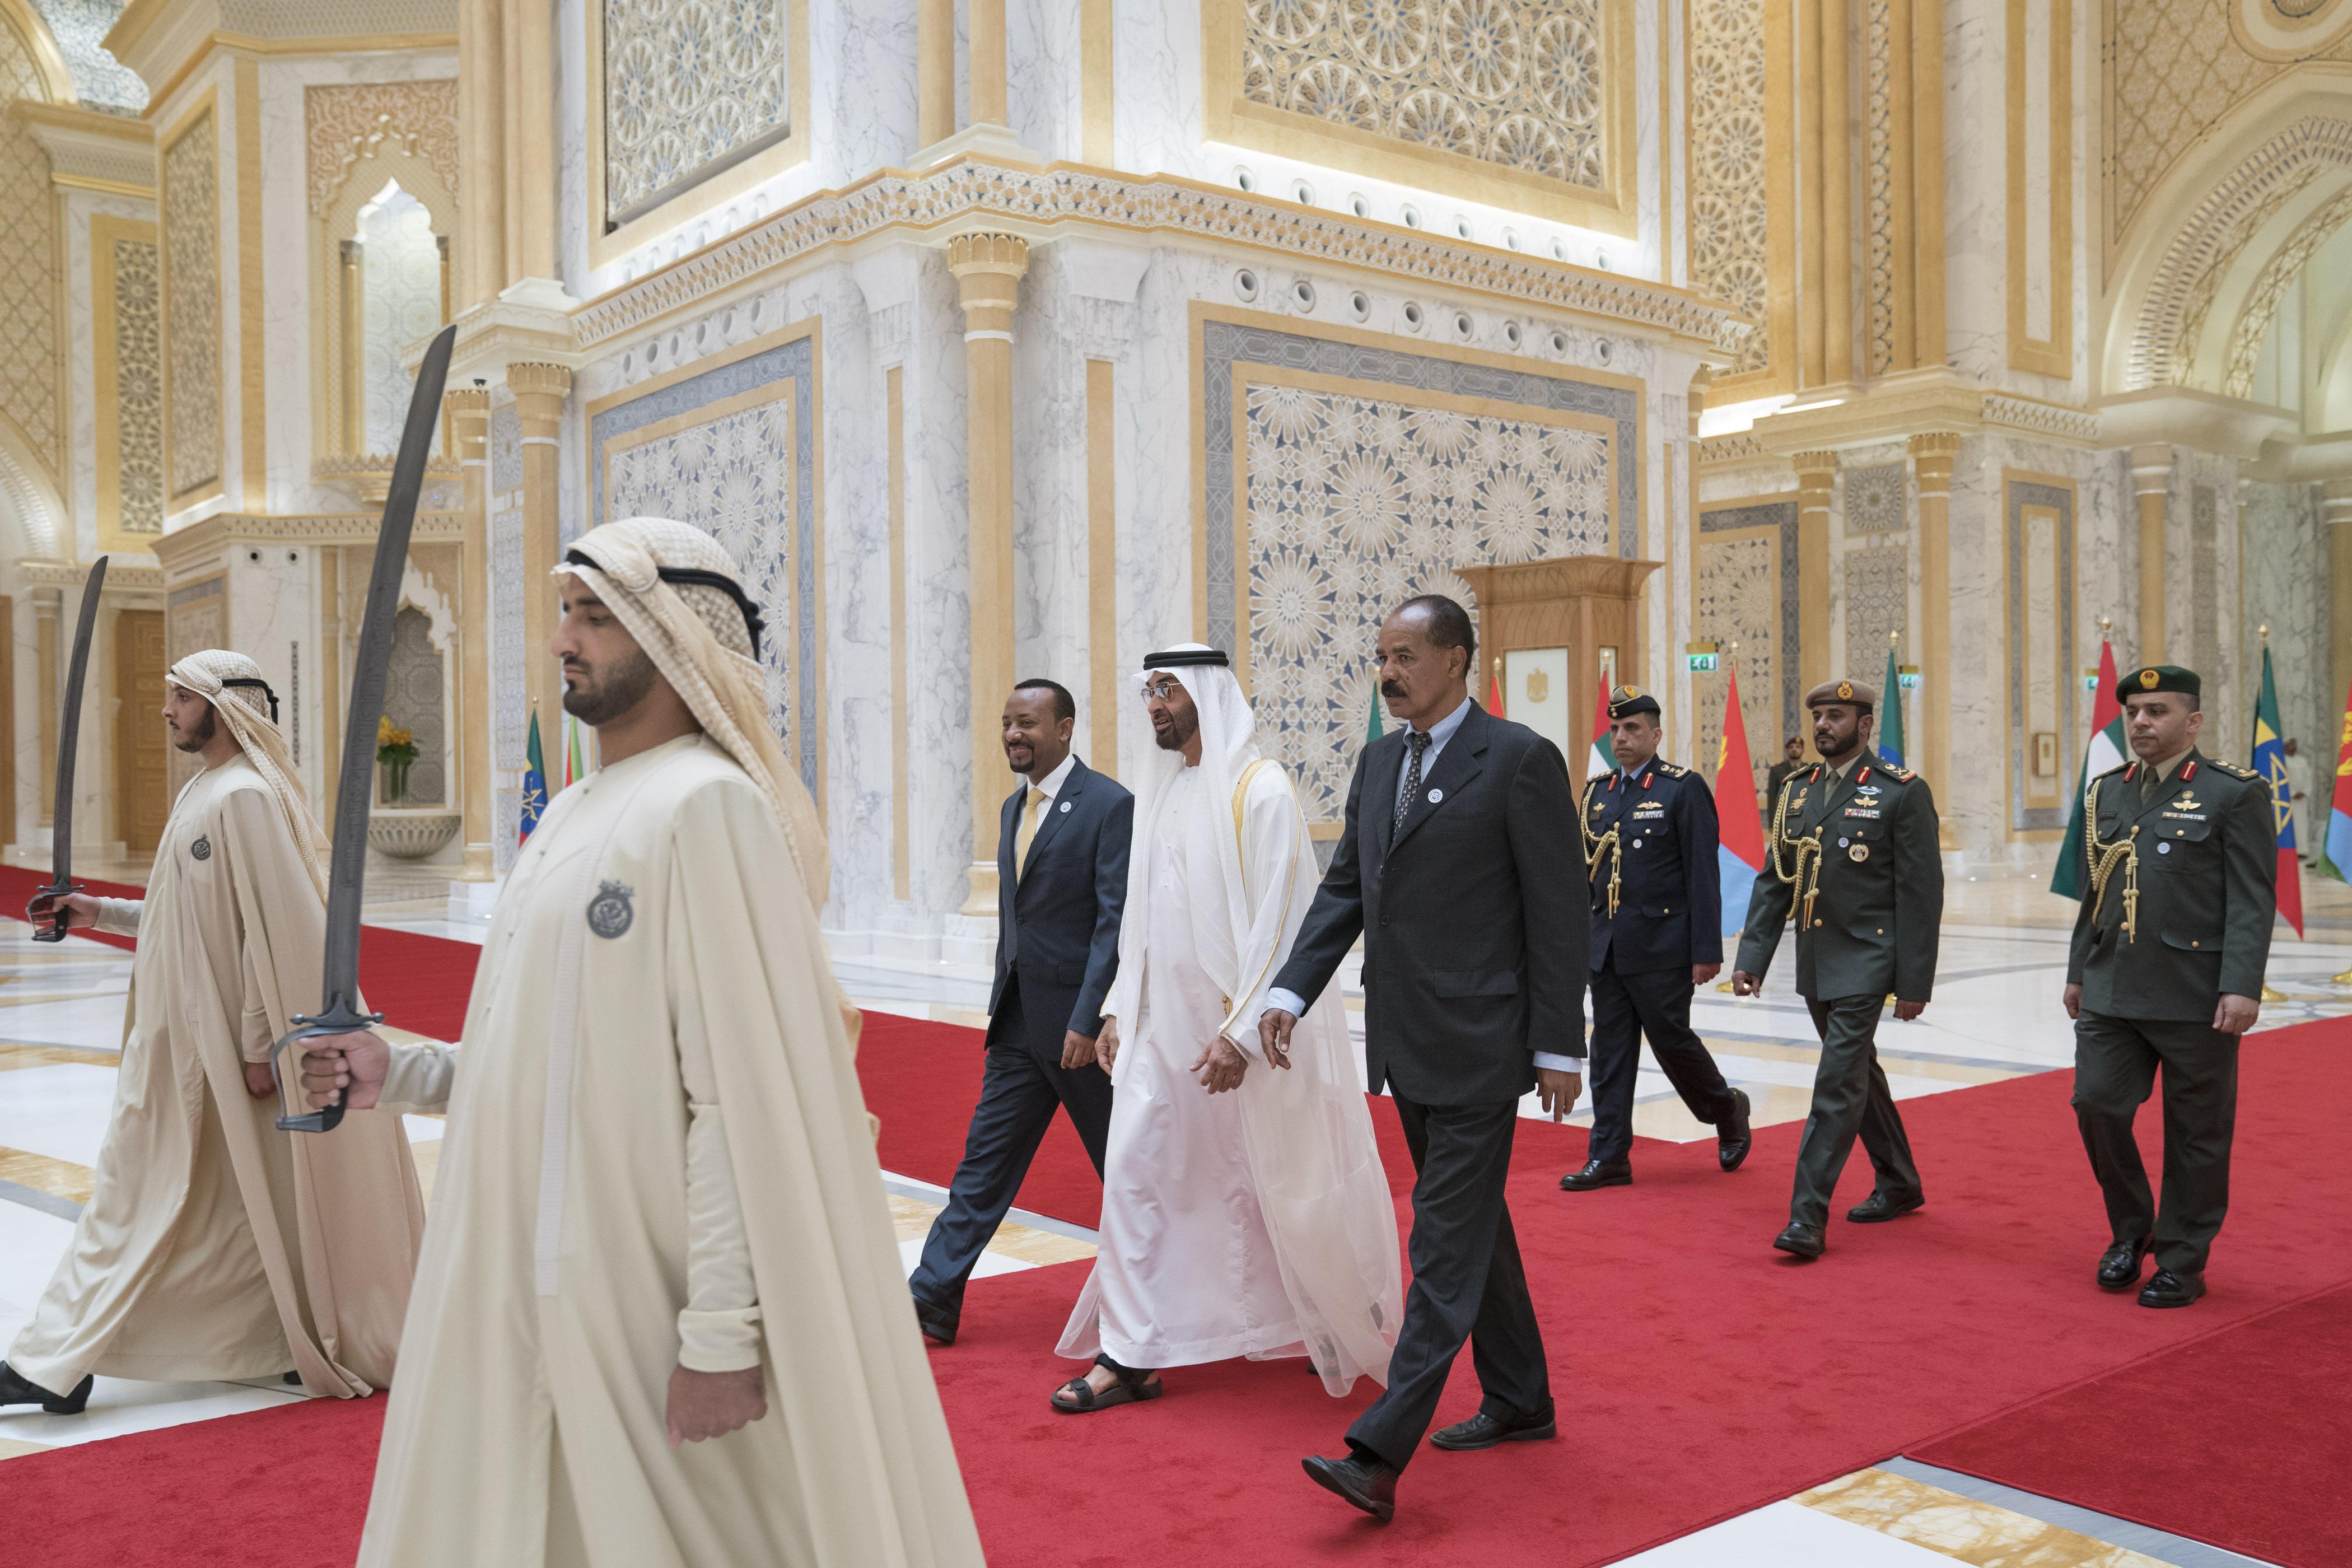 """رئيس الدولة يمنح رئيس إريتريا ورئيس وزراء أثيوبيا """" وسام زايد """" تقديراً لجهودهما في إطلاق مسيرة السلام بين بلديهما 7"""